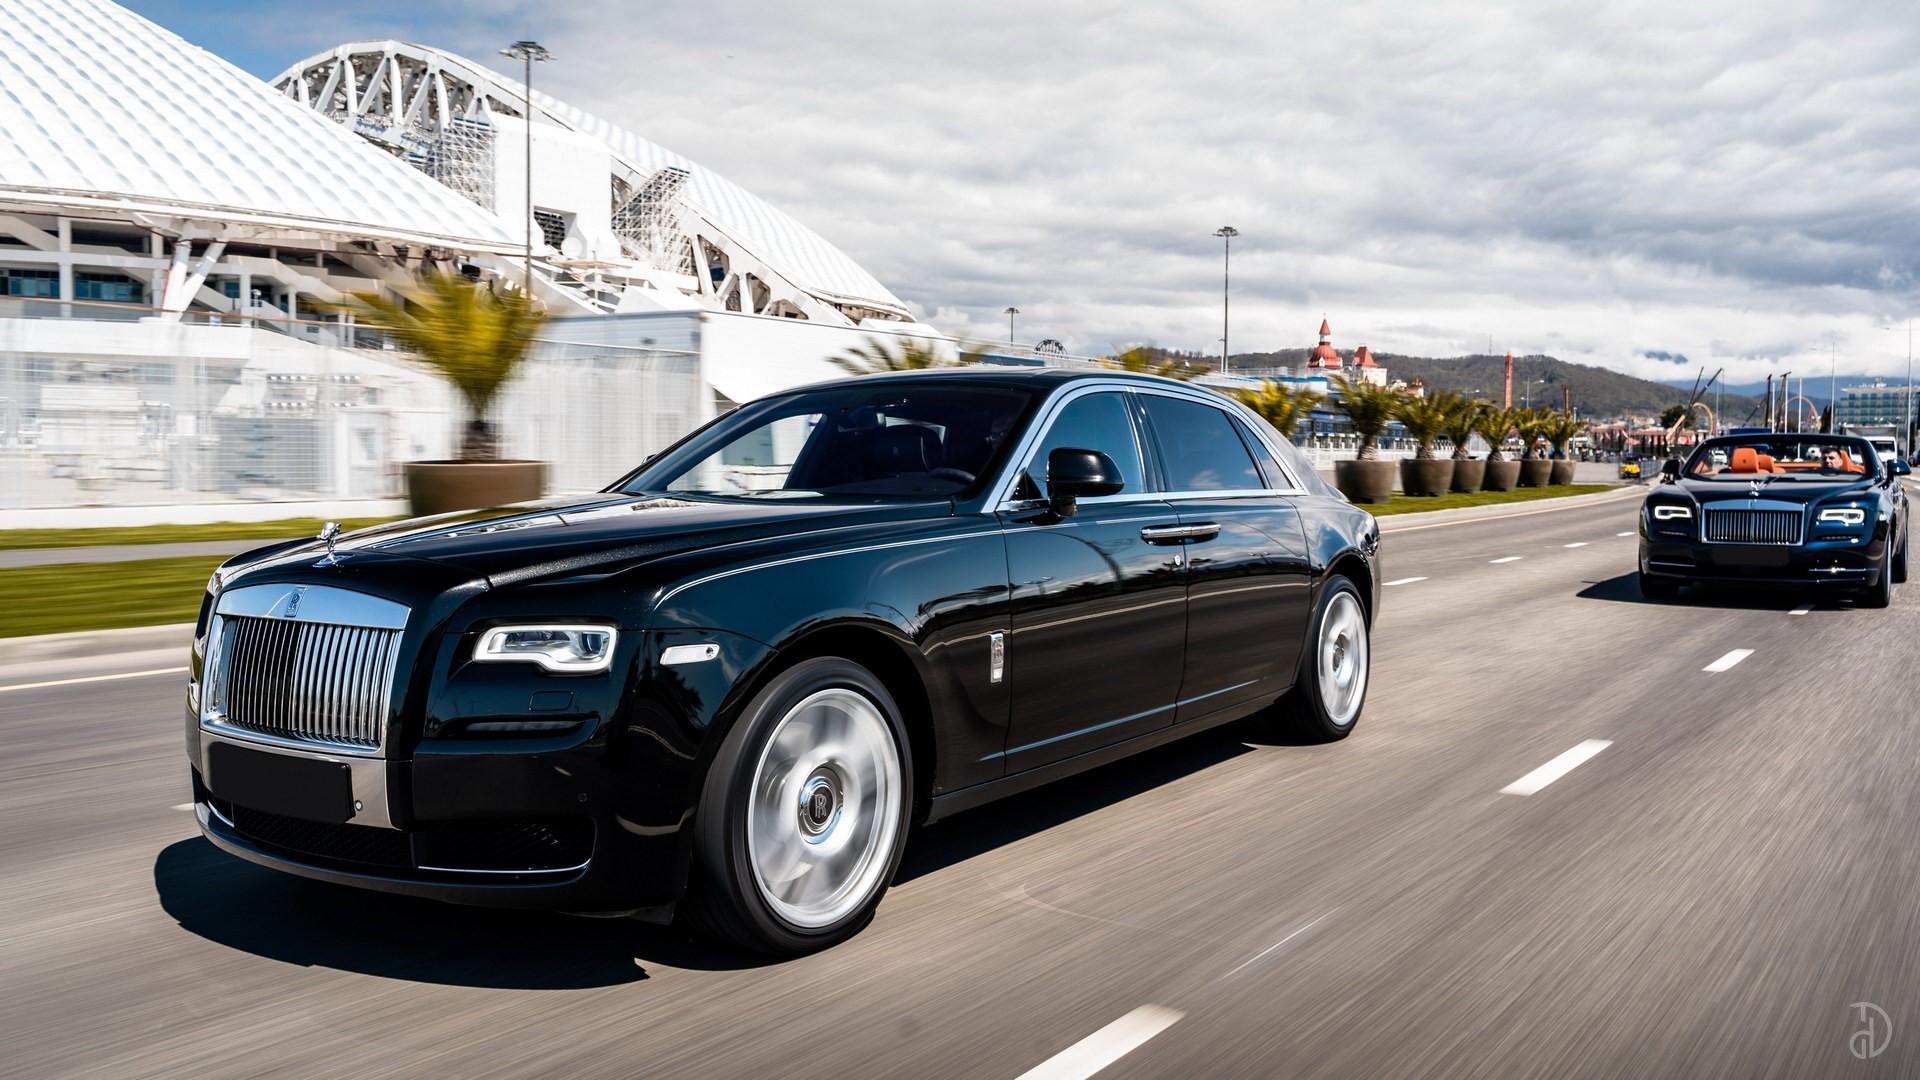 Аренда Rolls-Royce Ghost с водителем. Фото 9